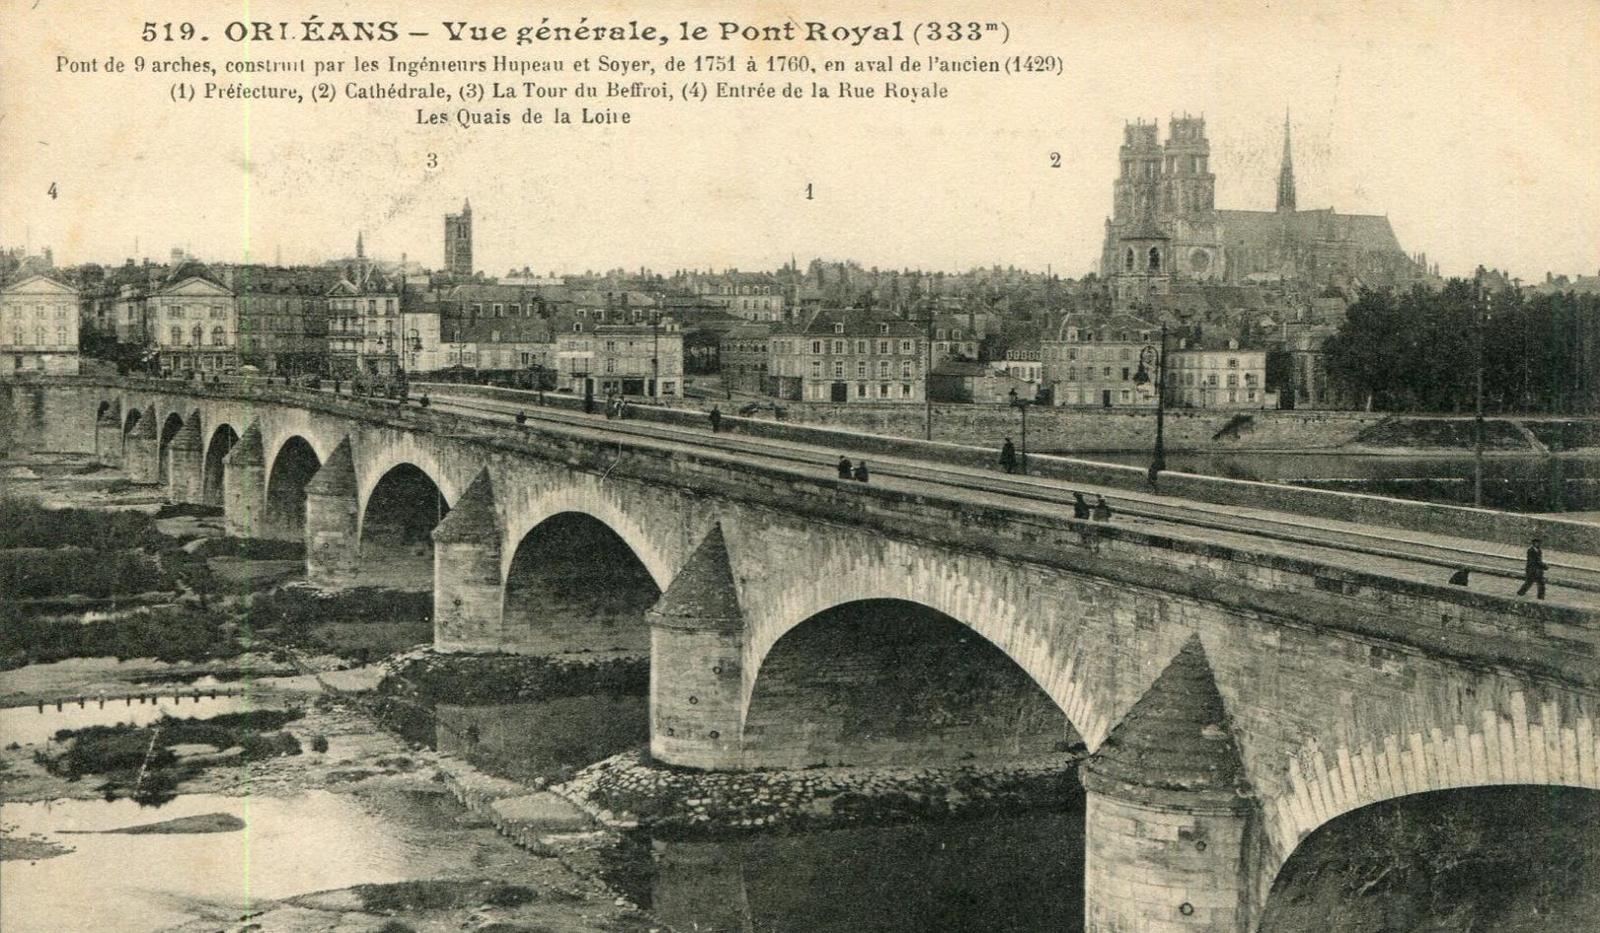 Orléans - ORLEANS -VUE GENERALE - PONT ROYAL - Carte postale ancienne et  vue d'Hier et Aujourd'hui - Geneanet